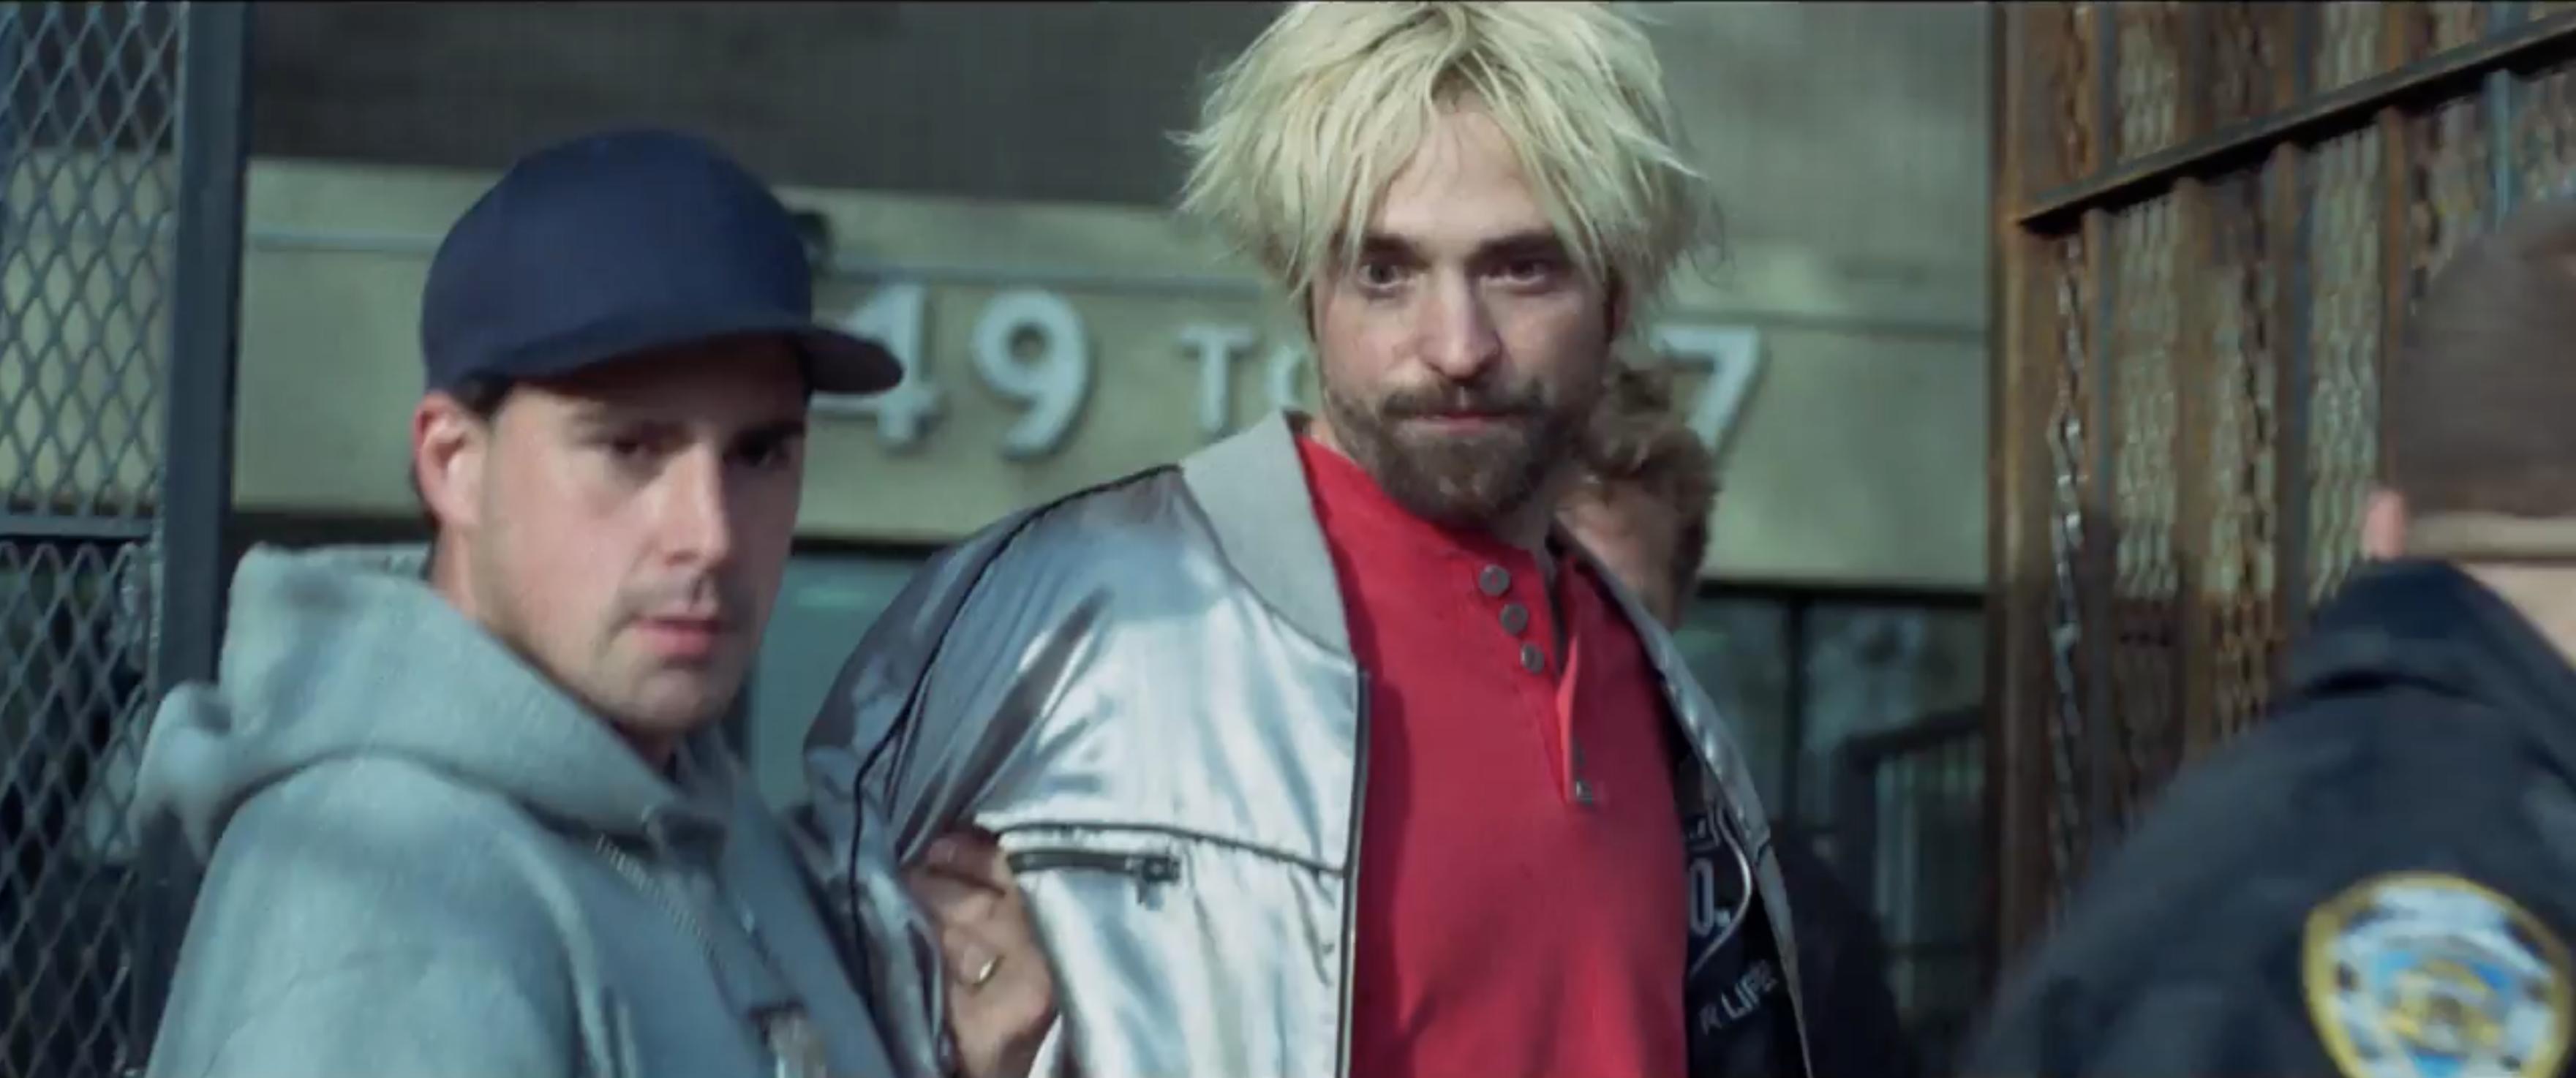 Robert Pattinson Rocks Bleach Blond Do New Yawk Accent In New Movie Robert Pattinson New Movies Robert Pattinson News